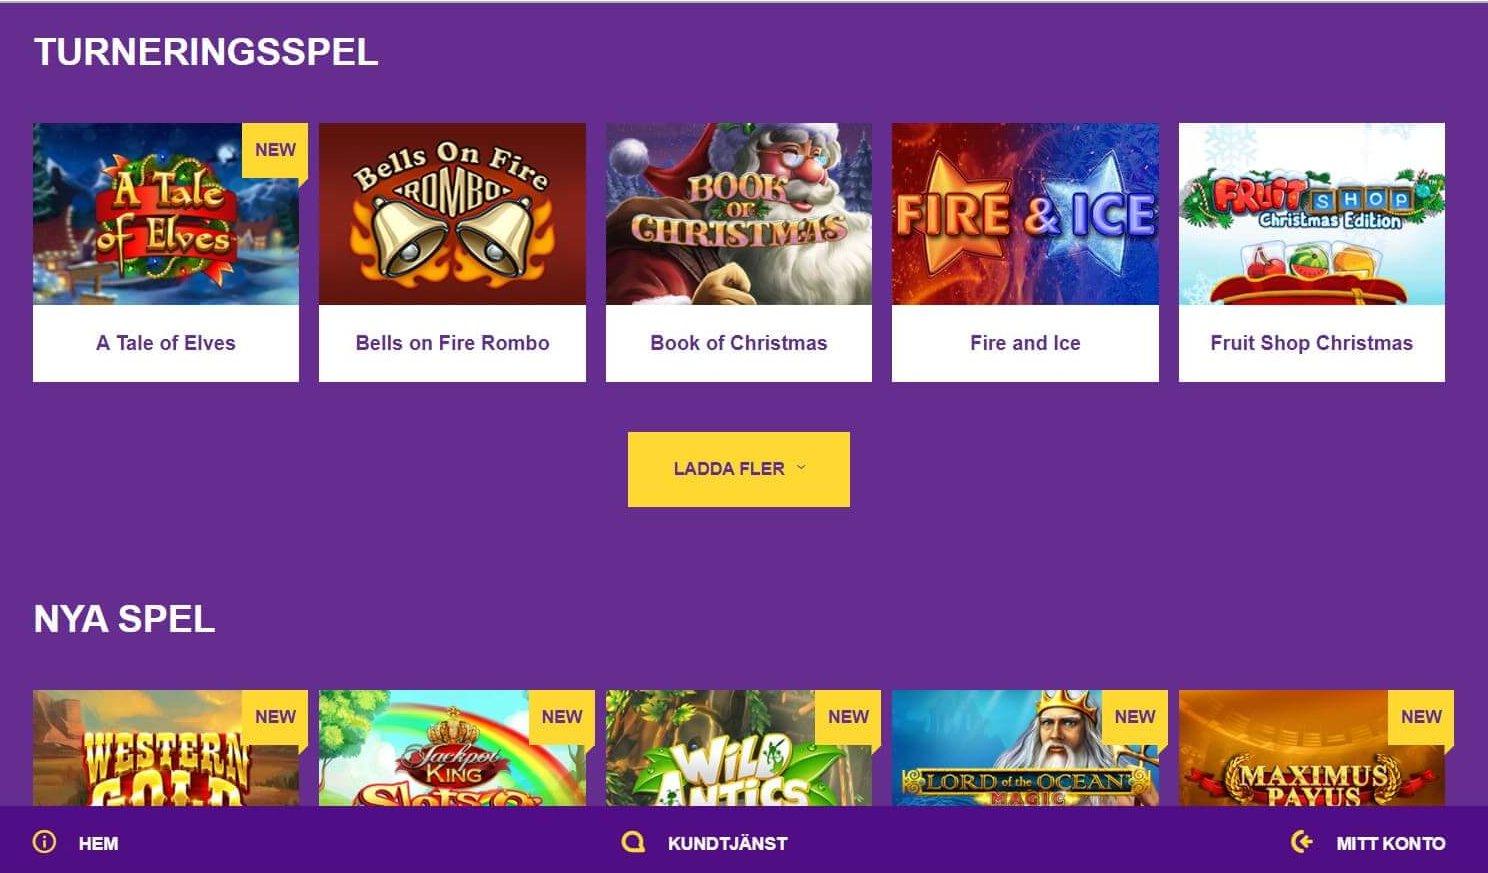 Yako Casino erbjuder alla möjliga spelformer, däribland turneringsspel